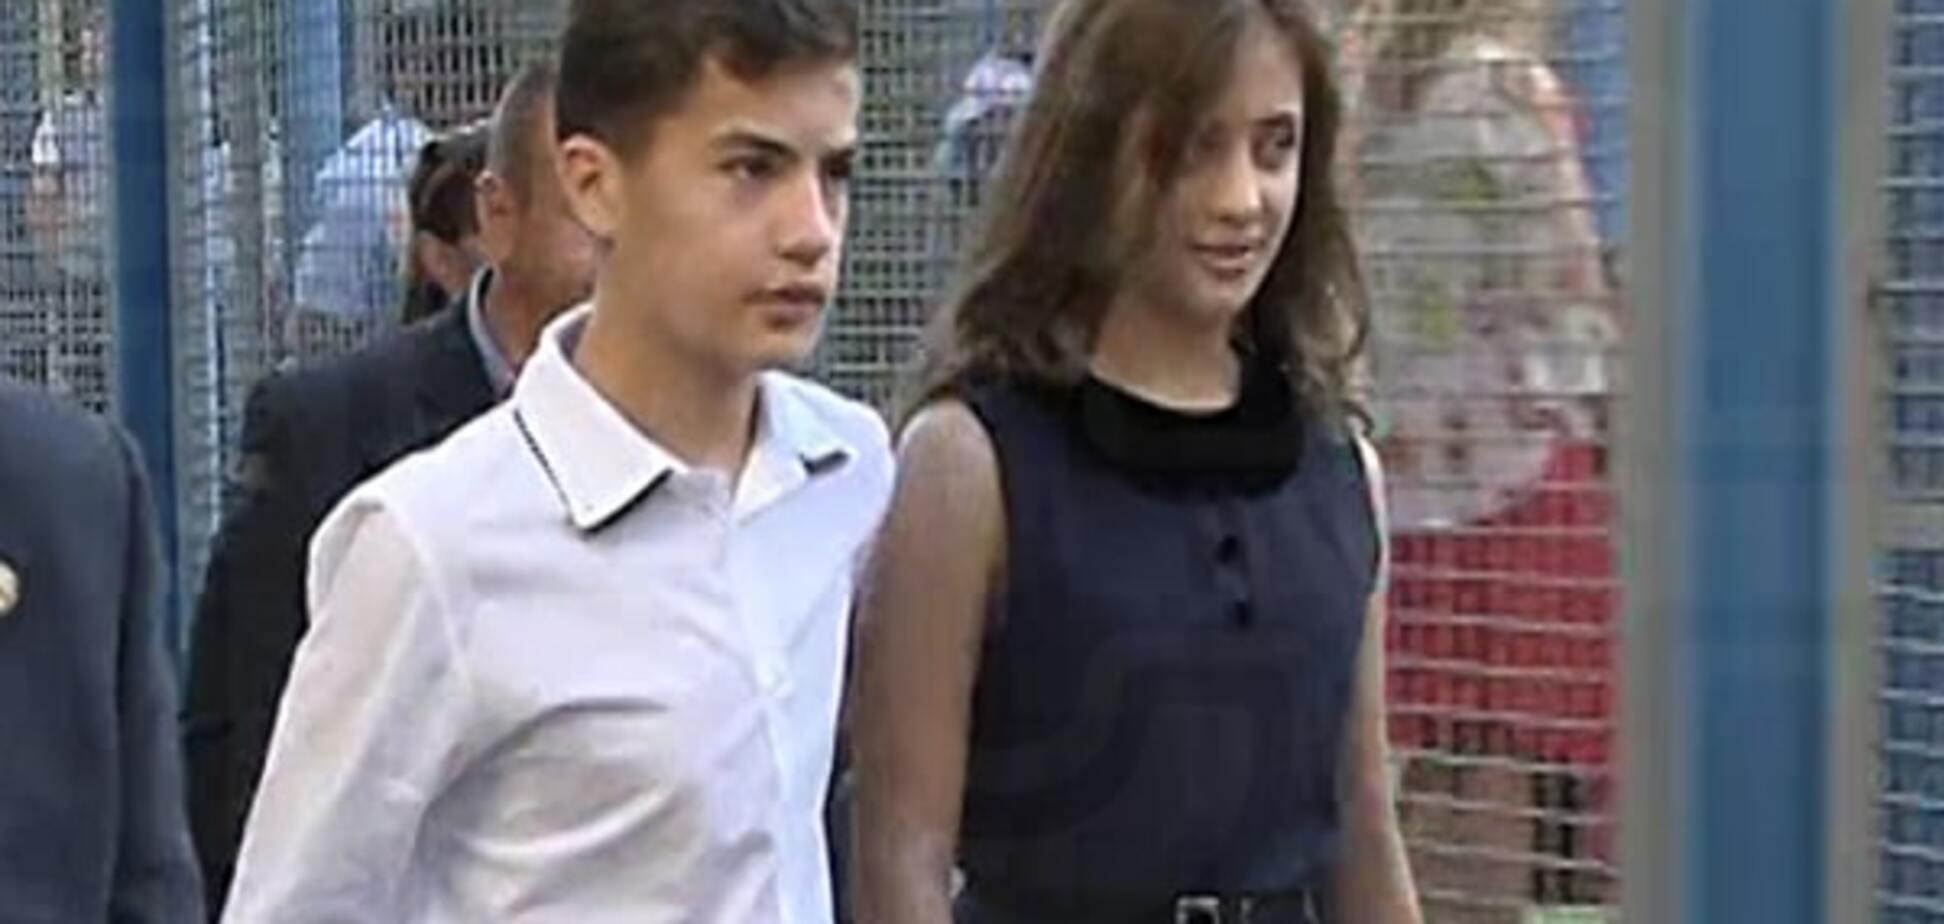 Дети Порошенко пришли на первый звонок с охраной: опубликовано видео